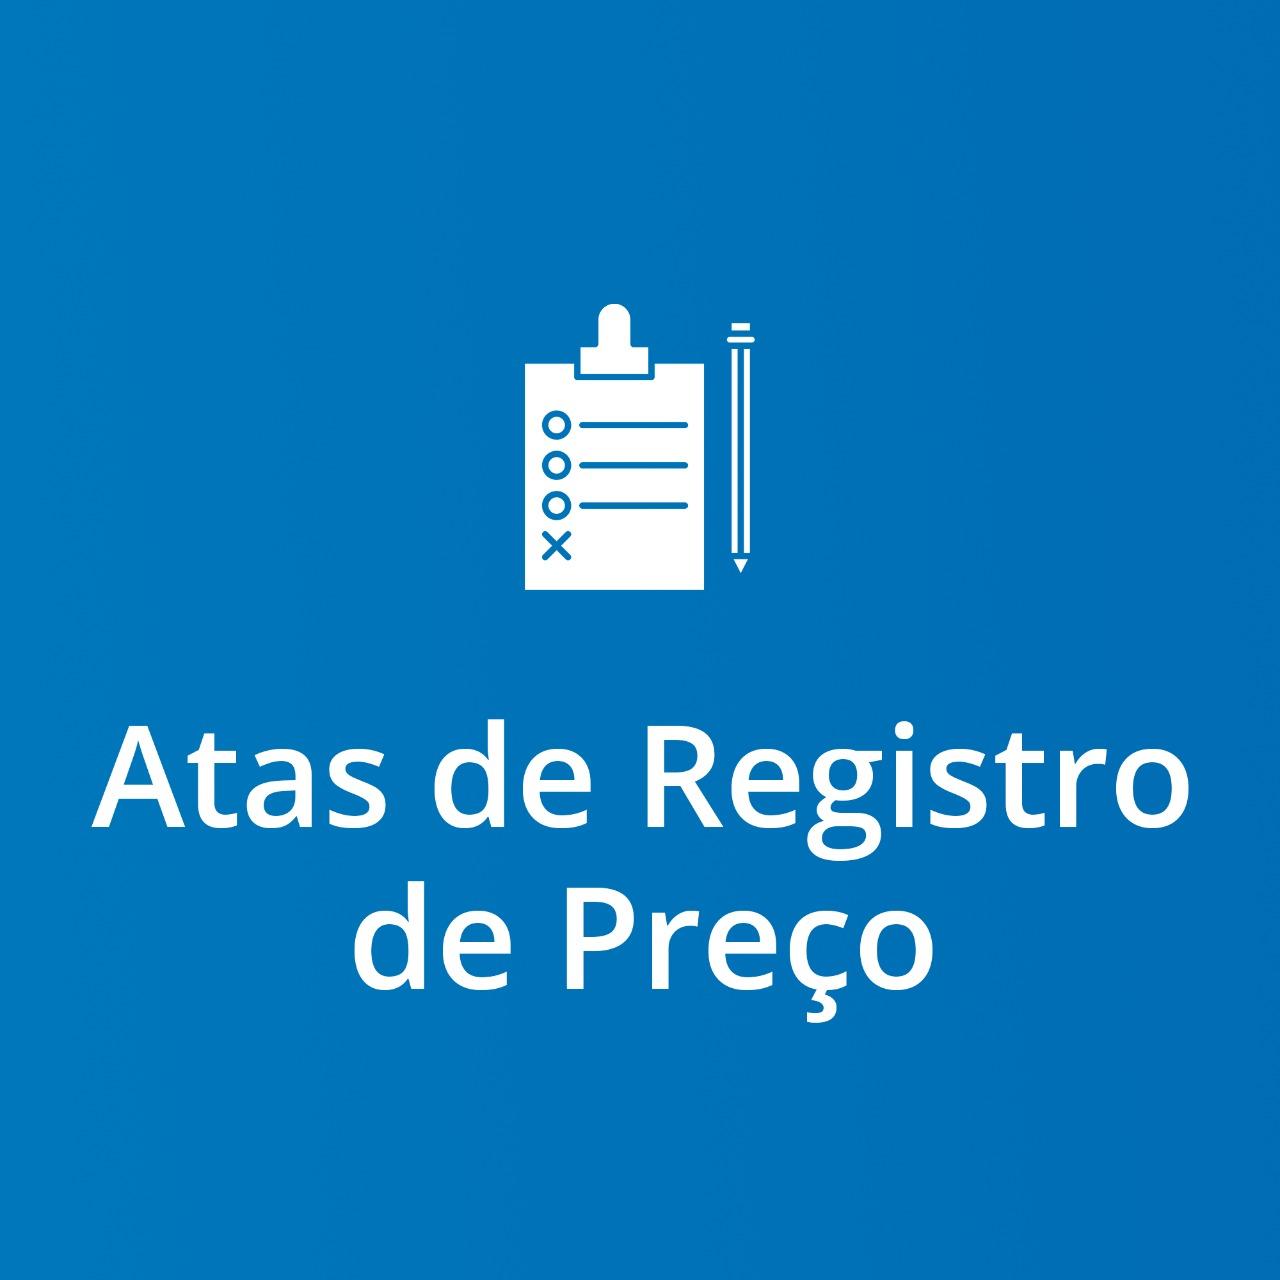 Imagem Atas de Registro de Preços